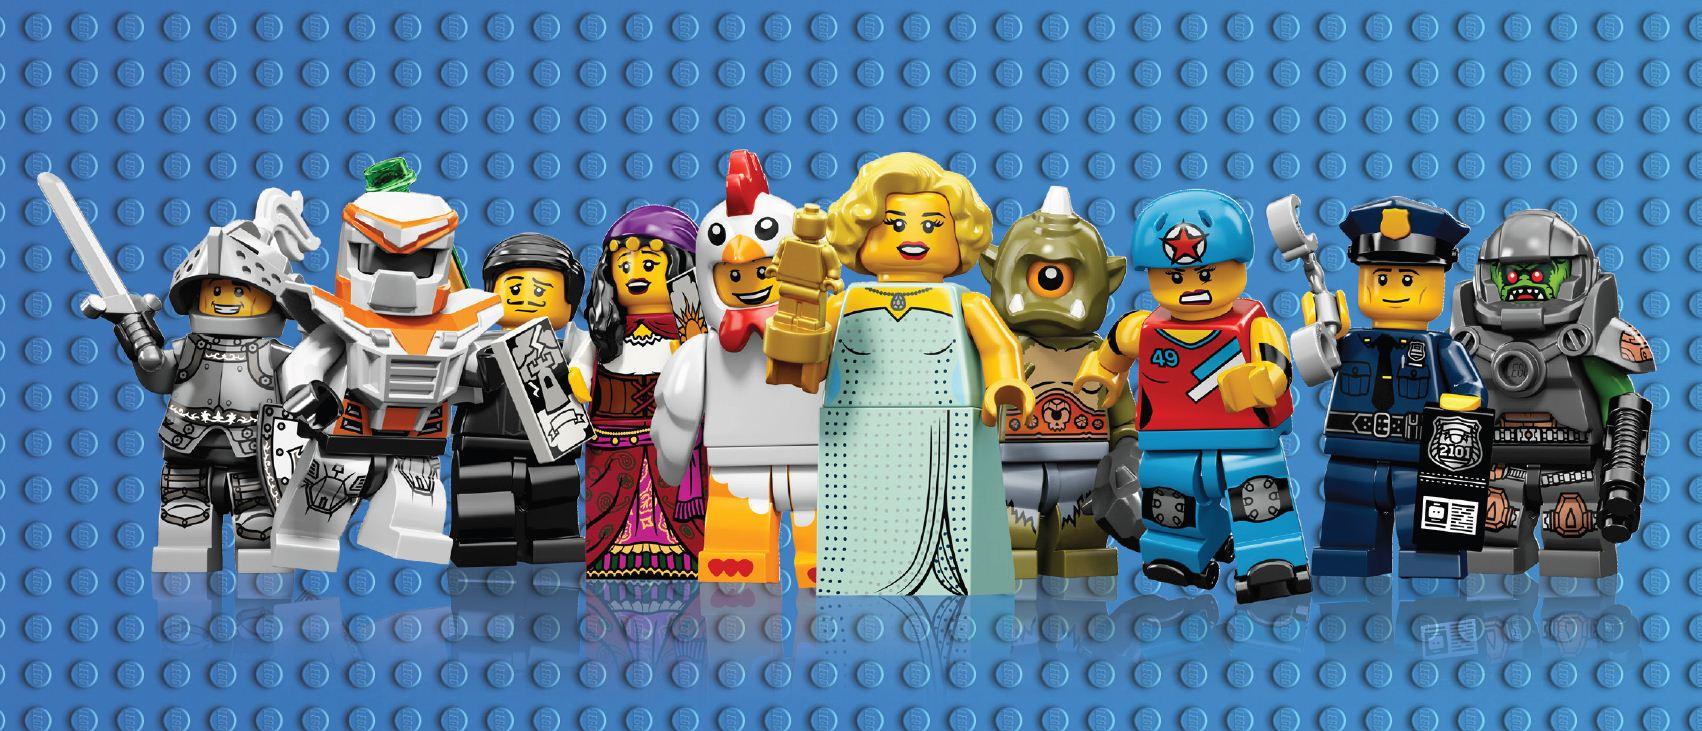 Vidéo: Lego Lance Un Jeu On-Line Gratuit En - Loisirs à Jeu En Francais Gratuit